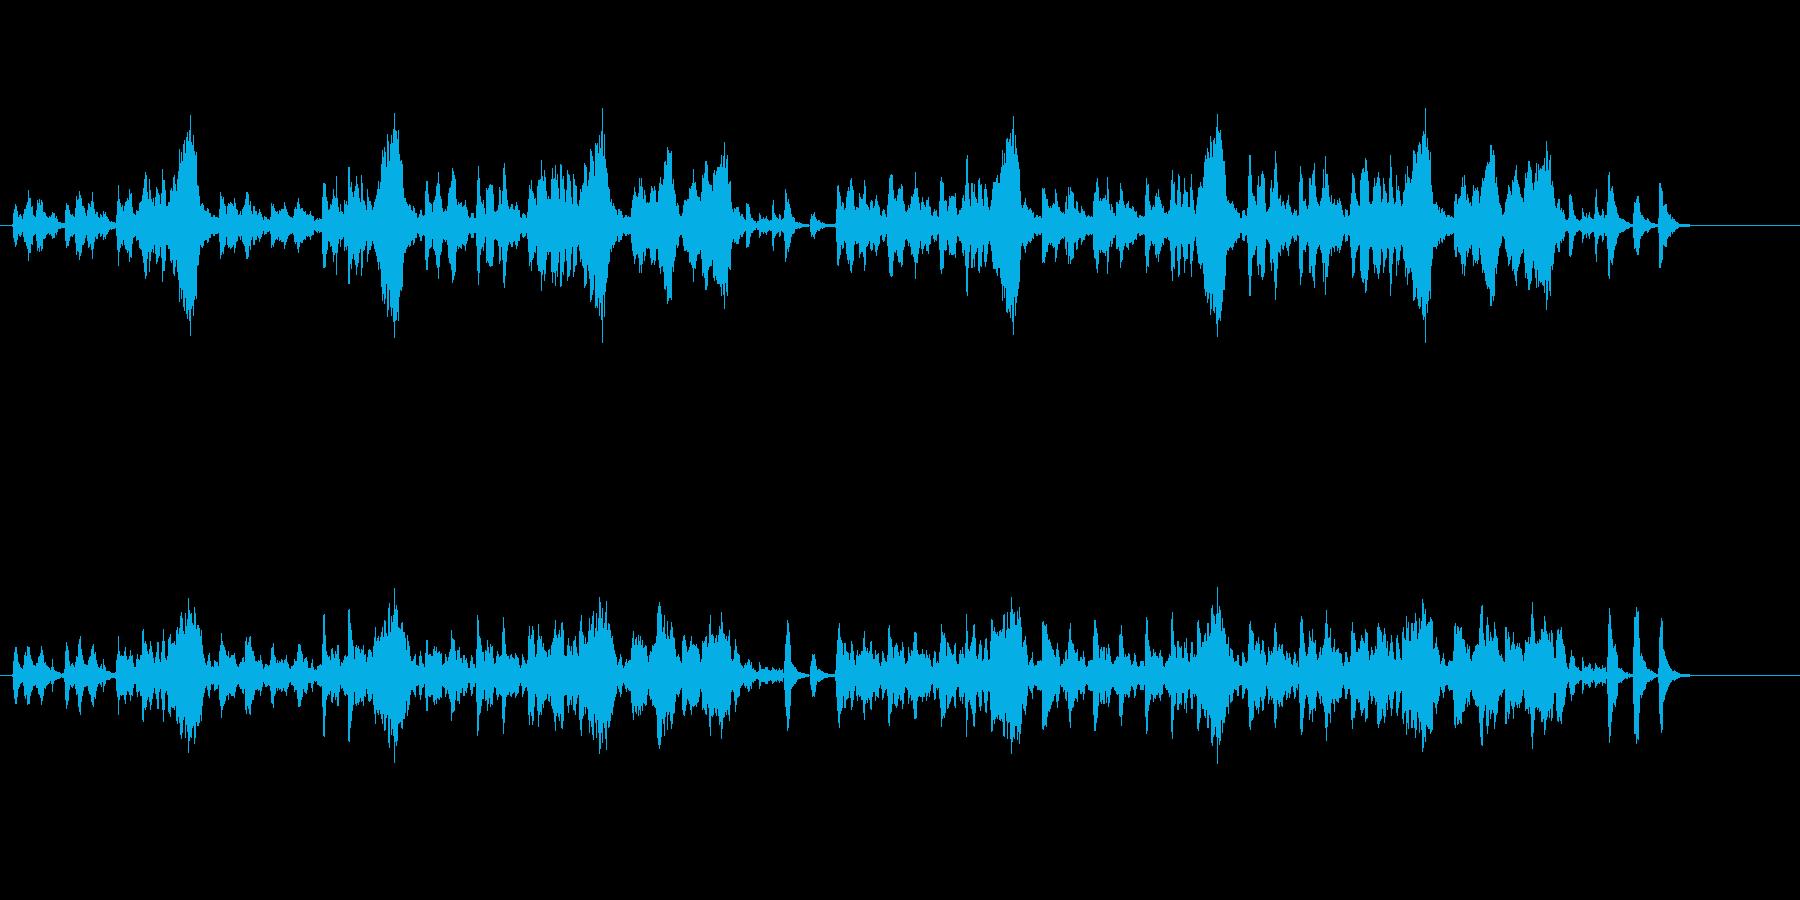 【クラシック】陽気でコミカルなクラシックの再生済みの波形